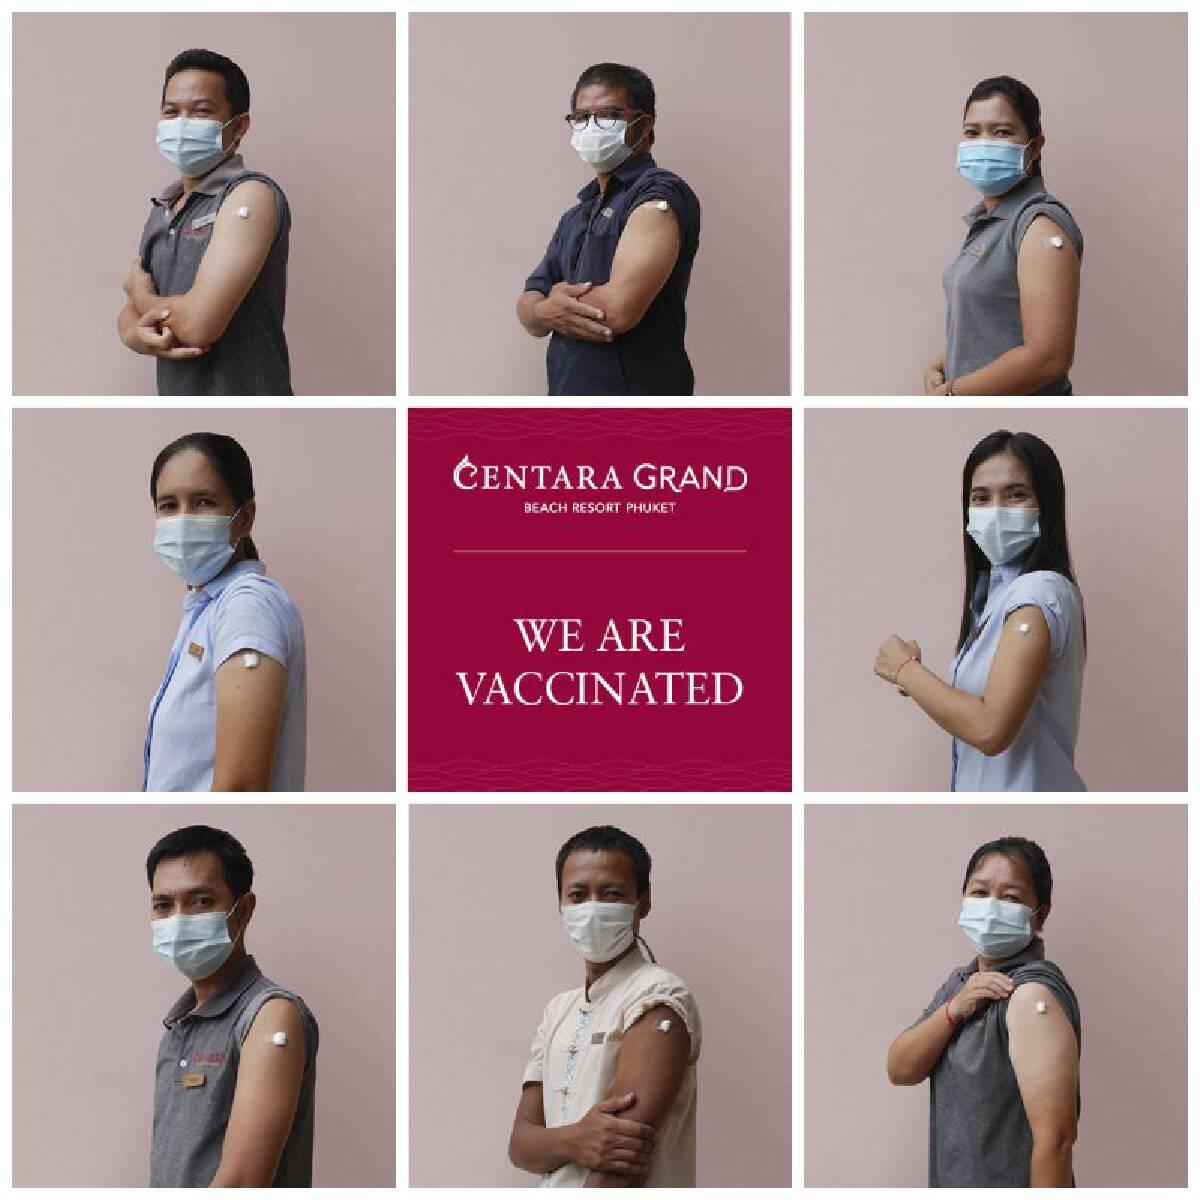 พนักงานโรงแรมเครือเซ็นทาราในภูเก็ตฉีดวัคซีนครบแล้ว